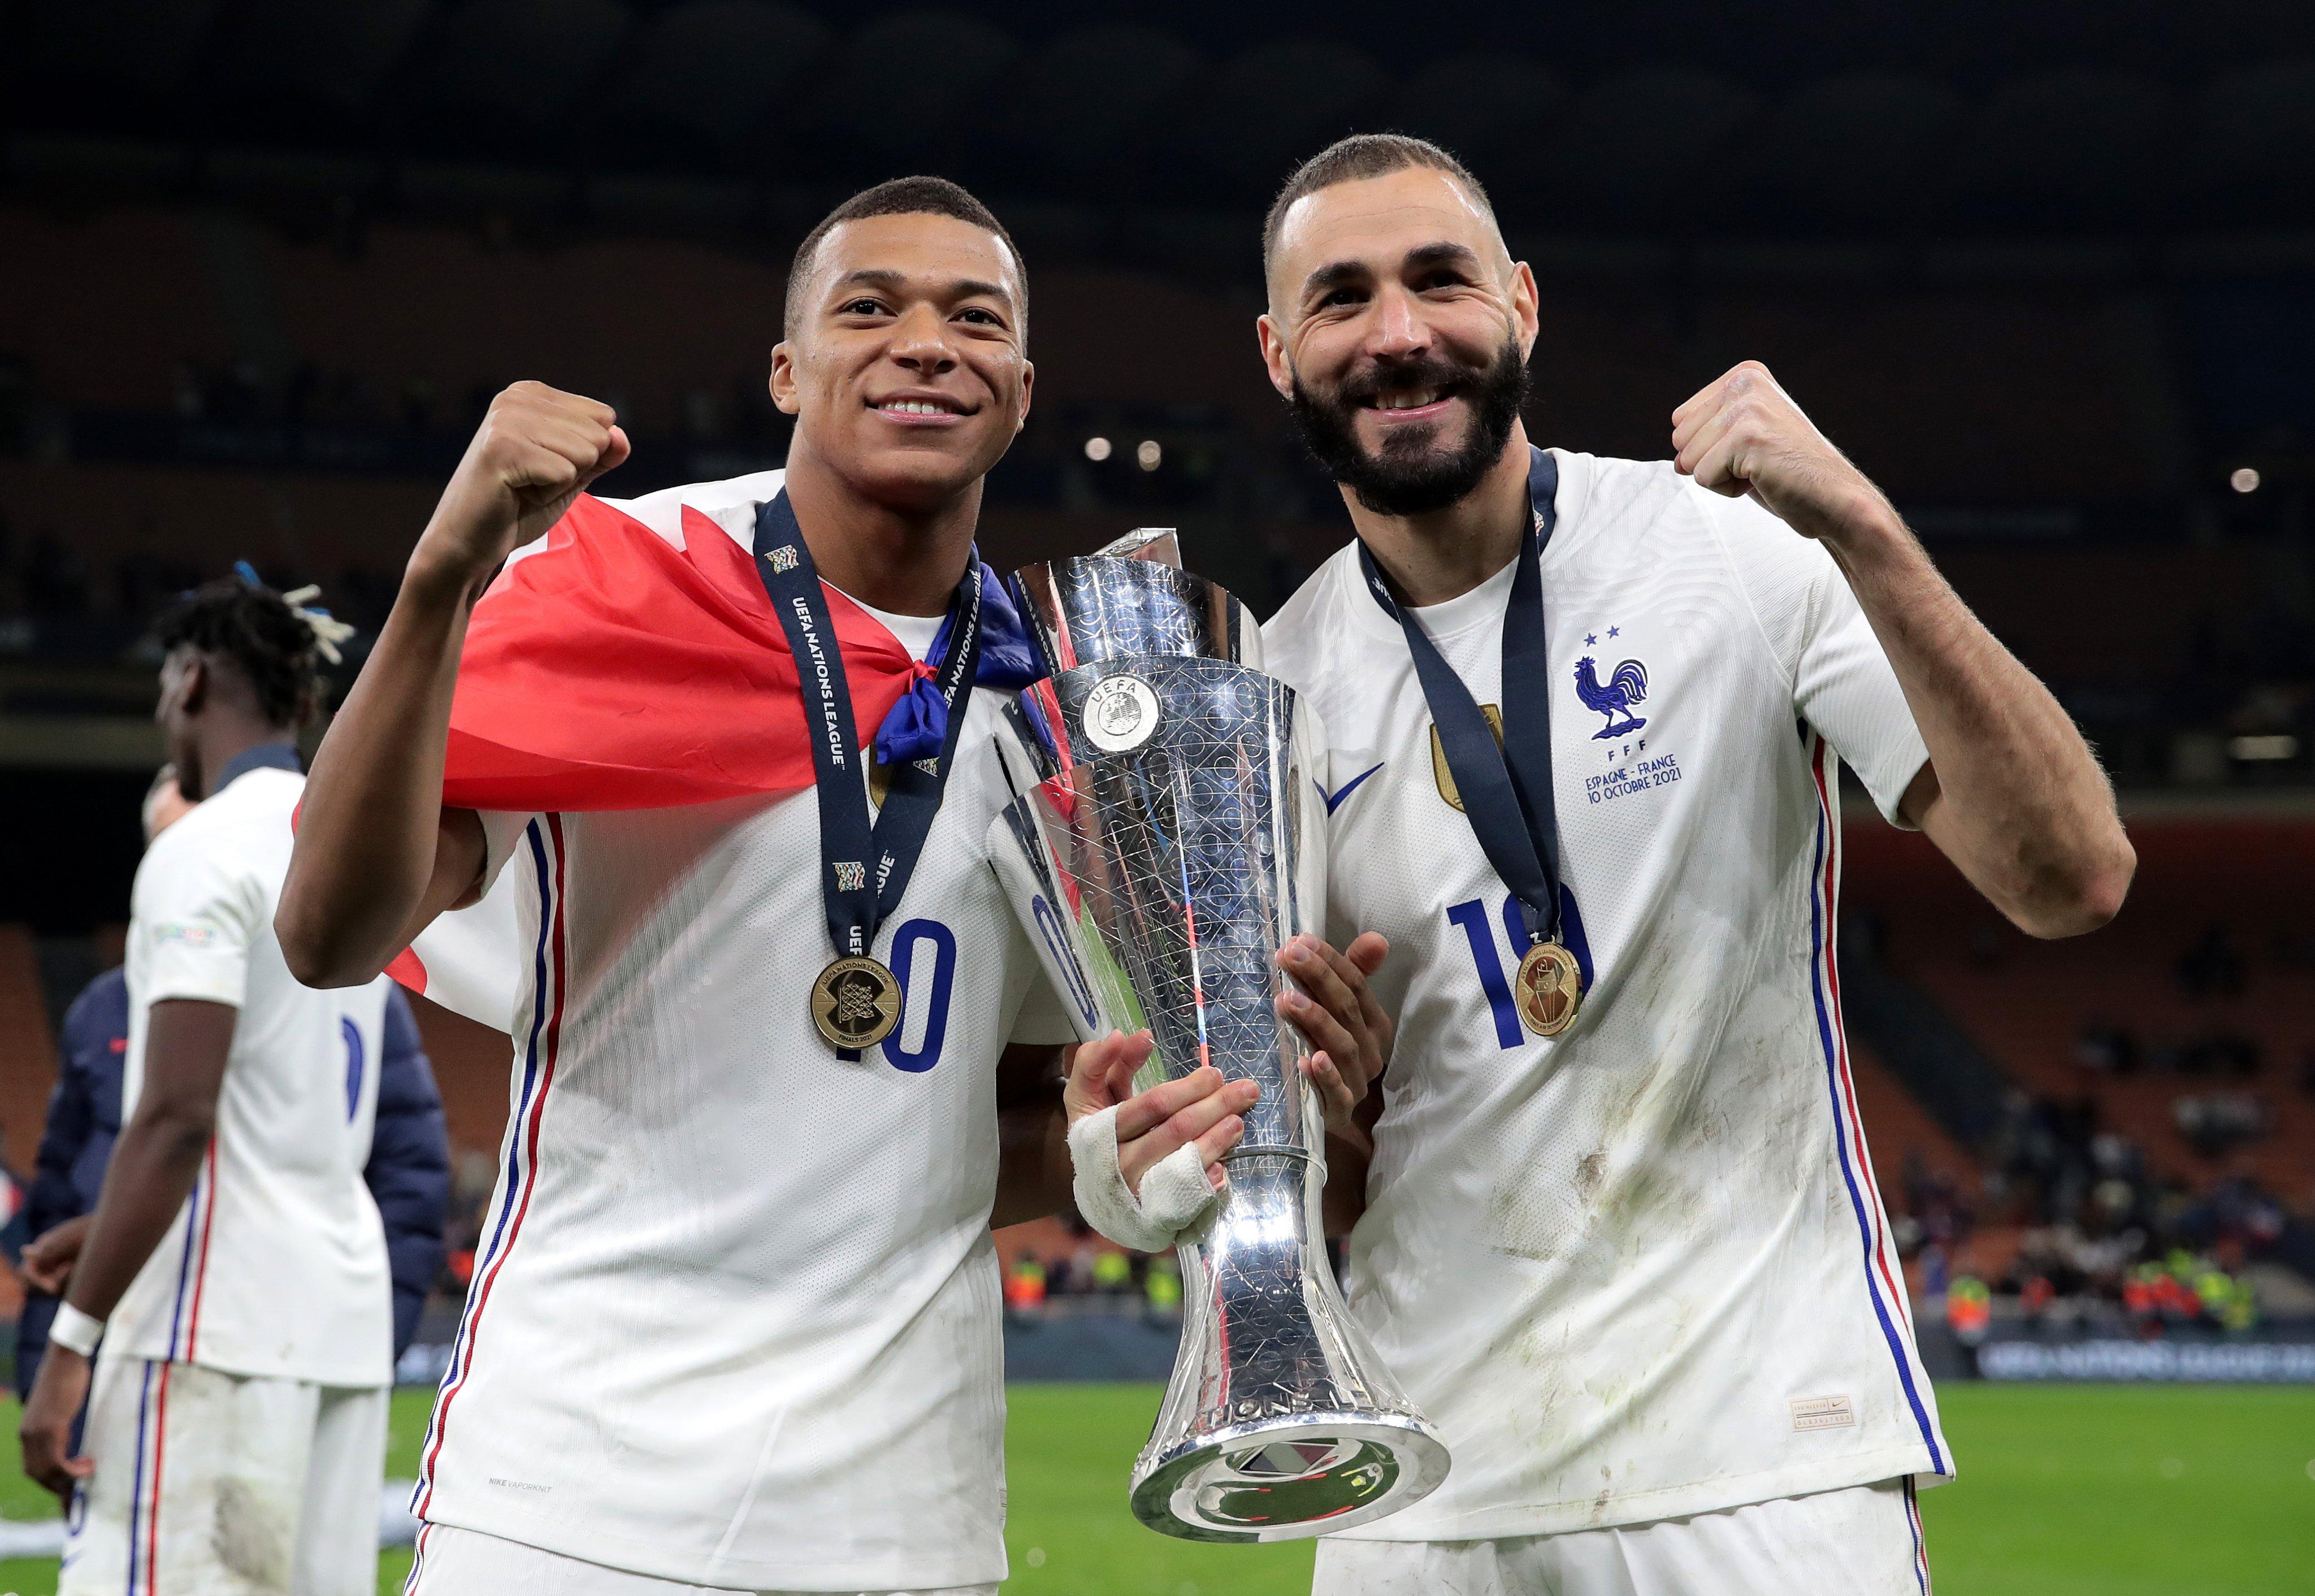 Bintang Perancis, Kylian Mbappe dan Karim Benzema memamerkan trofi UEFA Nations League 2021.